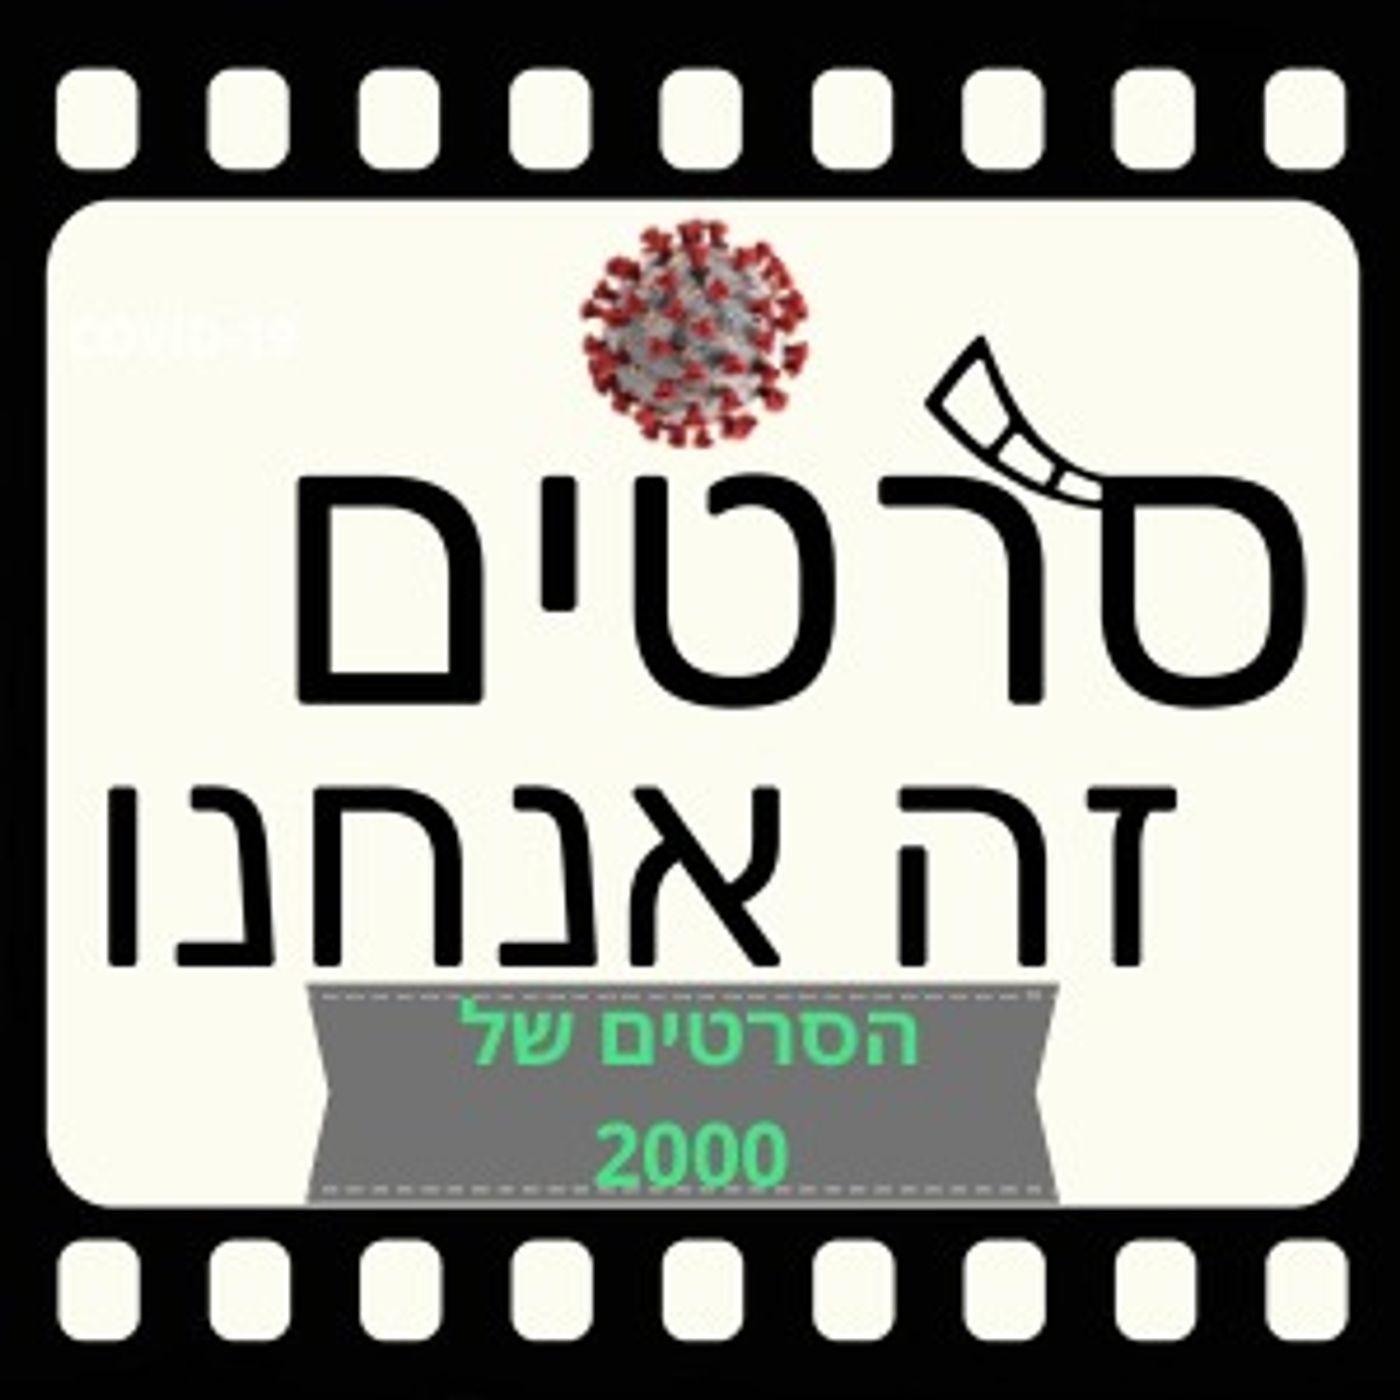 מדברים על הסרטים של 2000 (ספיישל קורונה 19)